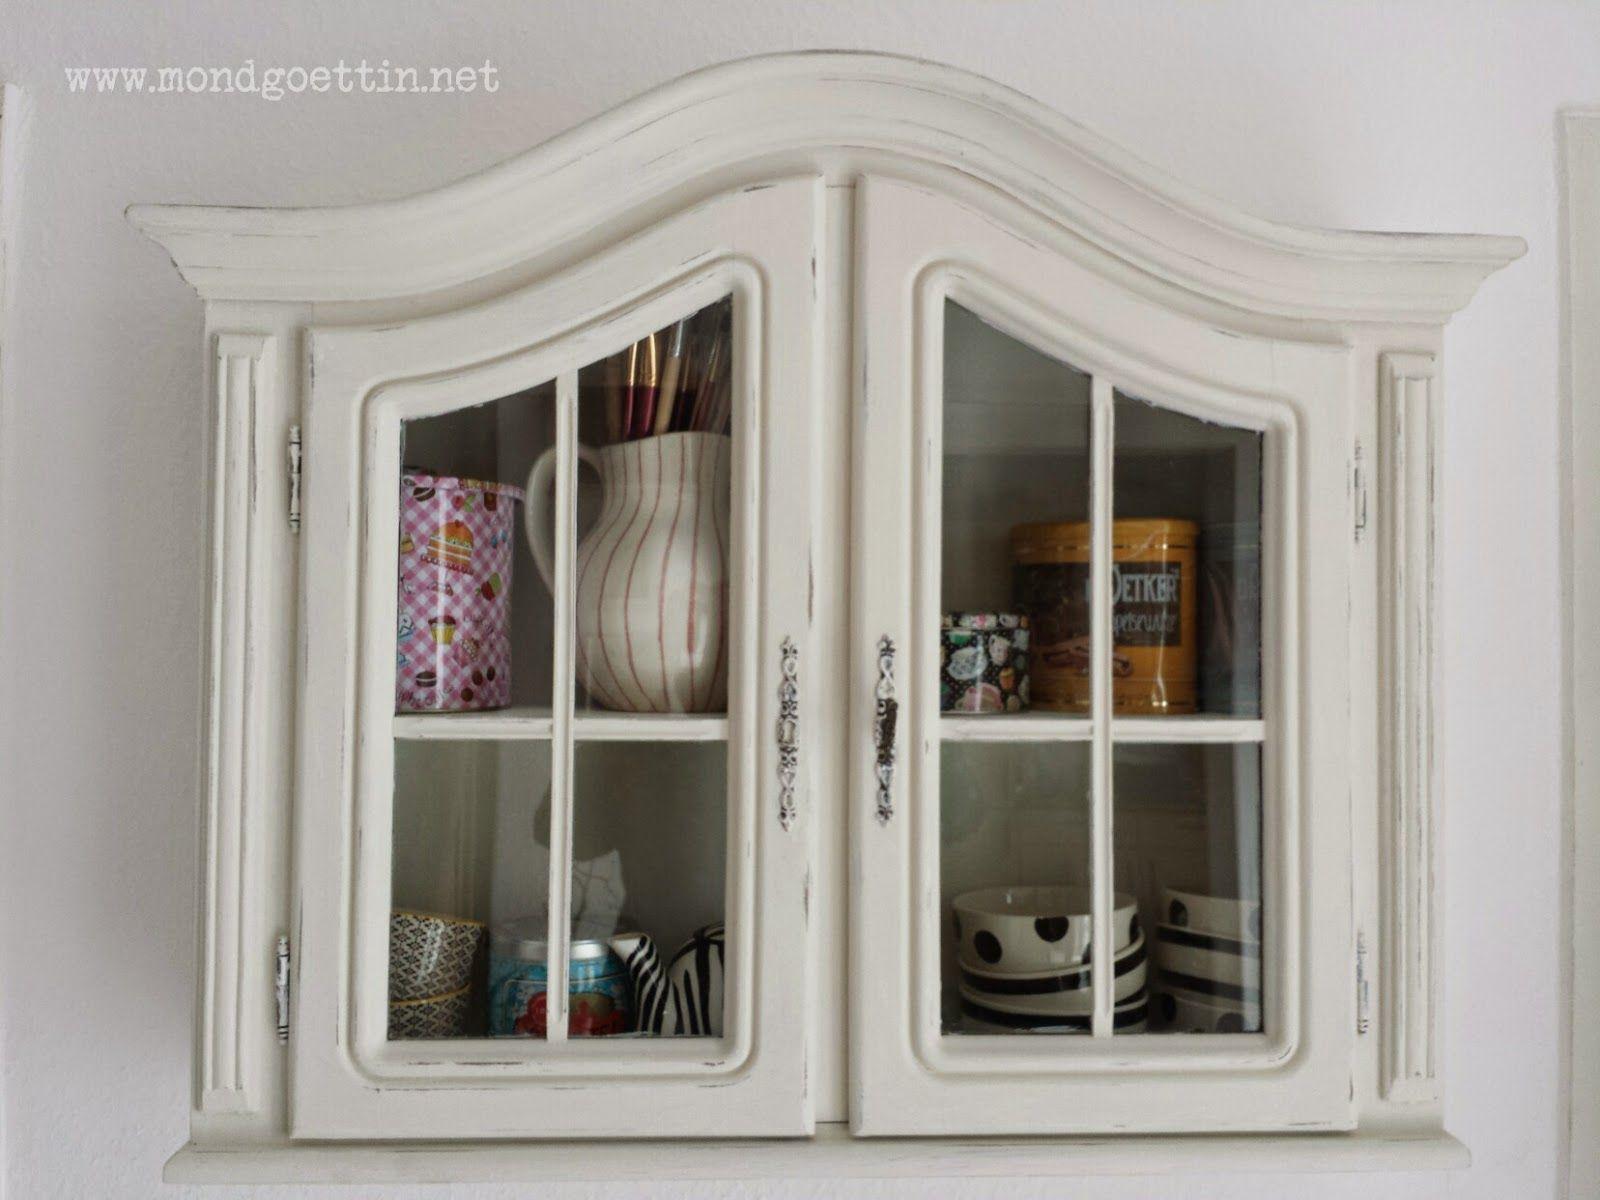 Pimp my cabinet / Aufgehübschte Vitrine / Upcycling